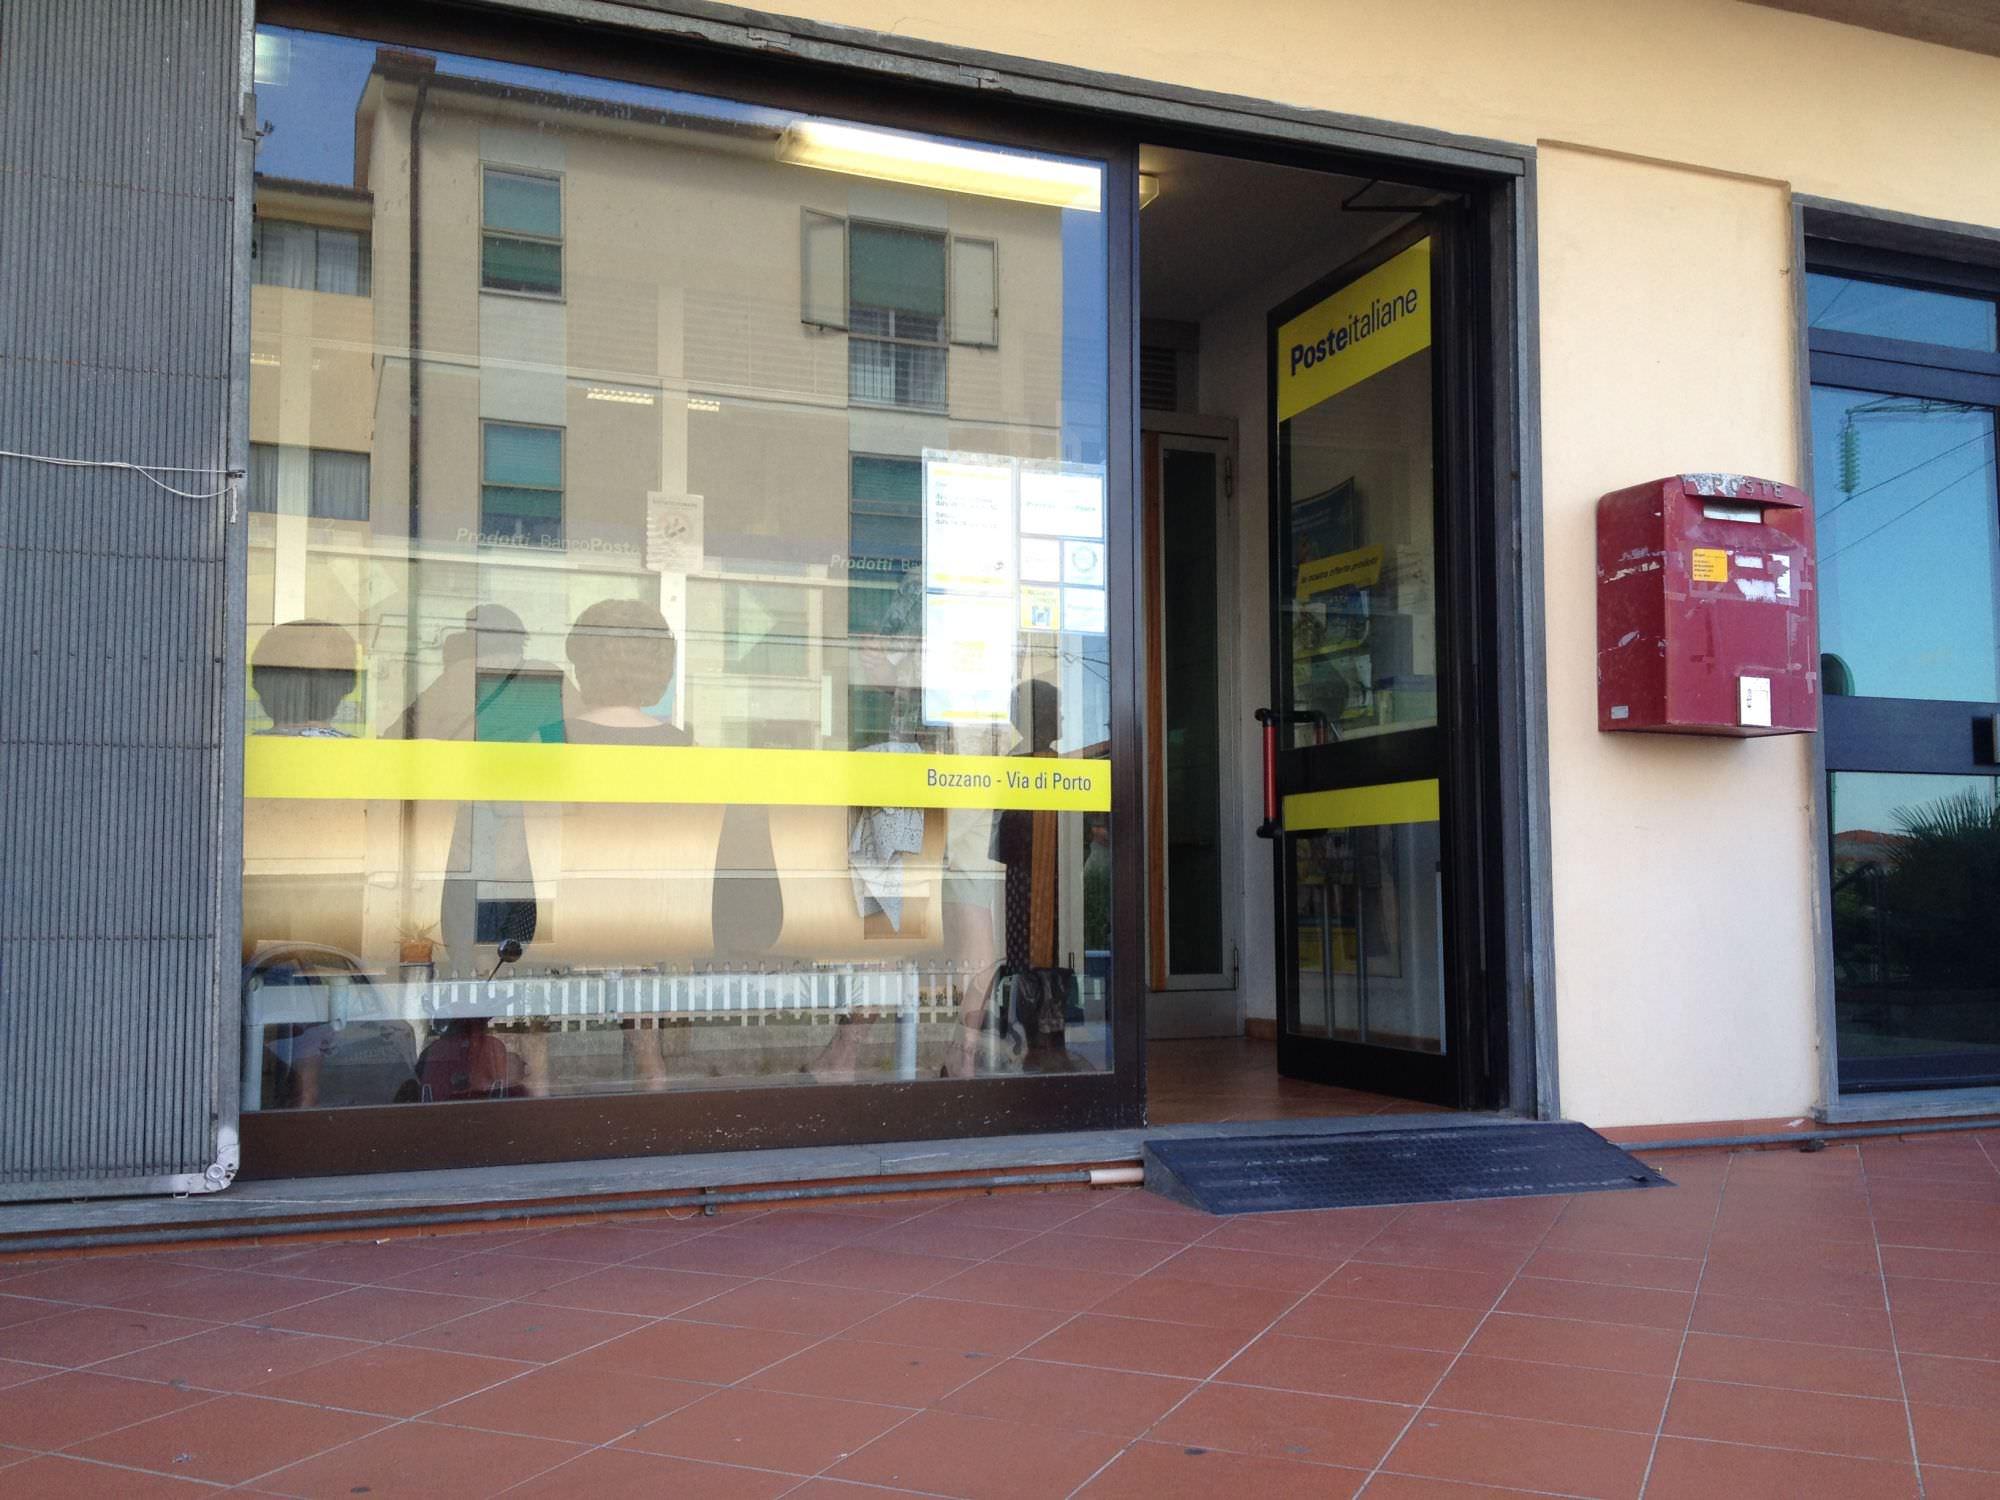 Manca il personale, code negli uffici postali della Versilia